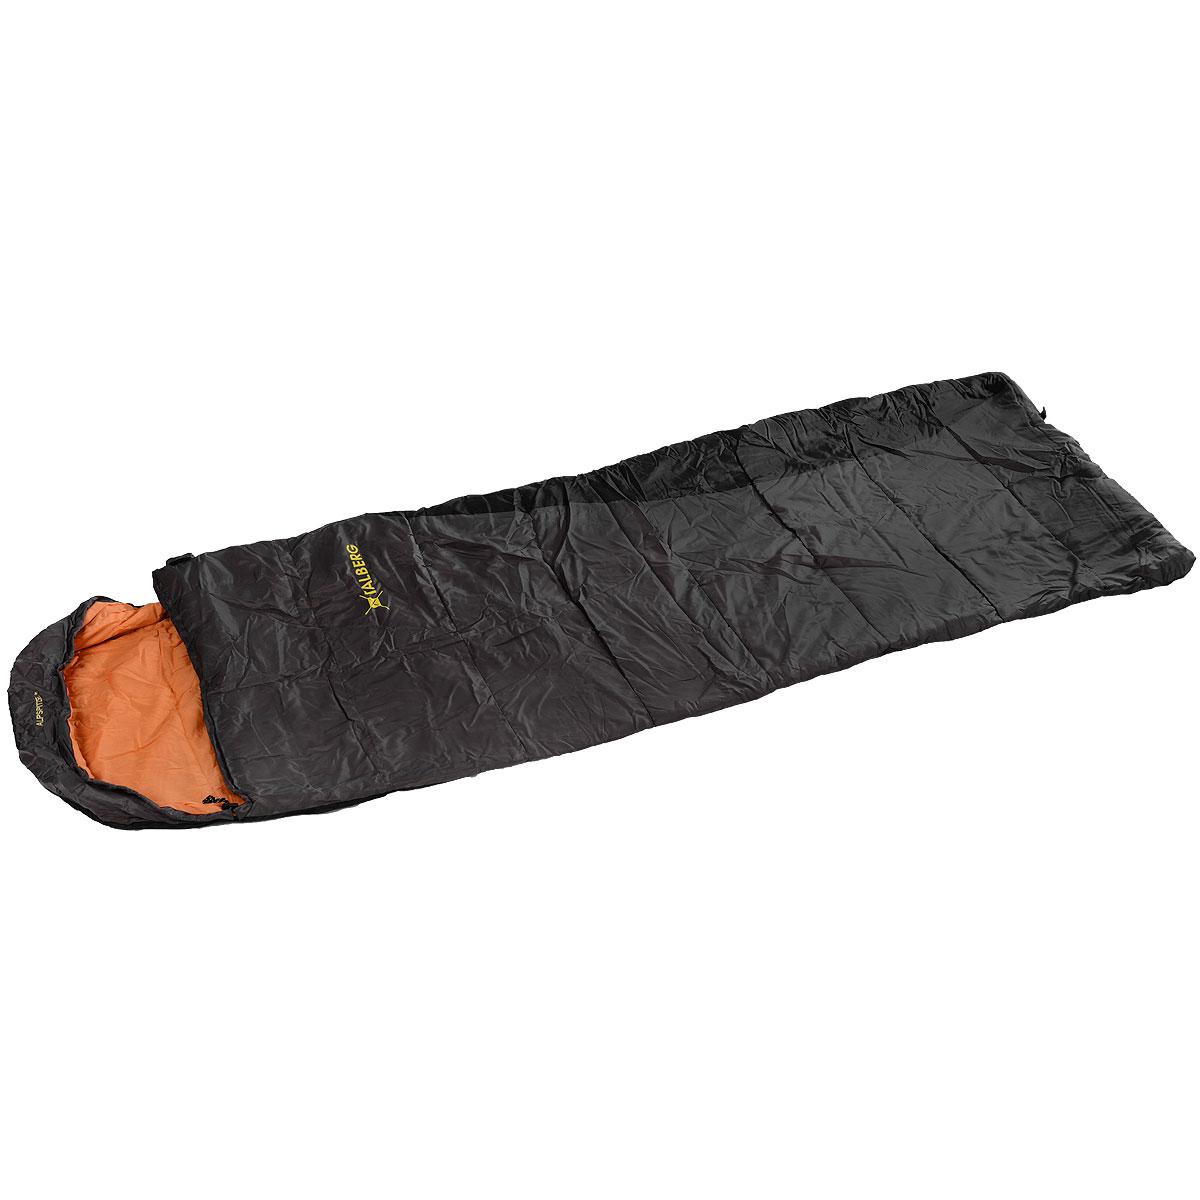 Спальный мешок-одеяло Talberg Alpspitze, левосторонняя молнияУТ-000055181Суперлегкий спальный мешок-одеяло Talberg Alpspitze с подголовником рассчитан на теплое время года. Внутренняя ткань этого спальника - поликоттон, т.е. хлопок с привнесением синтетики. Поликоттон легче и практичнее 100% хлопка. Наружная ткань: полиэстер RipStop 210T. Внутренняя ткань: полиэстер 80%, хлопок 20%. Утеплитель: Утеплитель: 1x85 g/m2, Hollofibersilicon. Вес: 920 г.